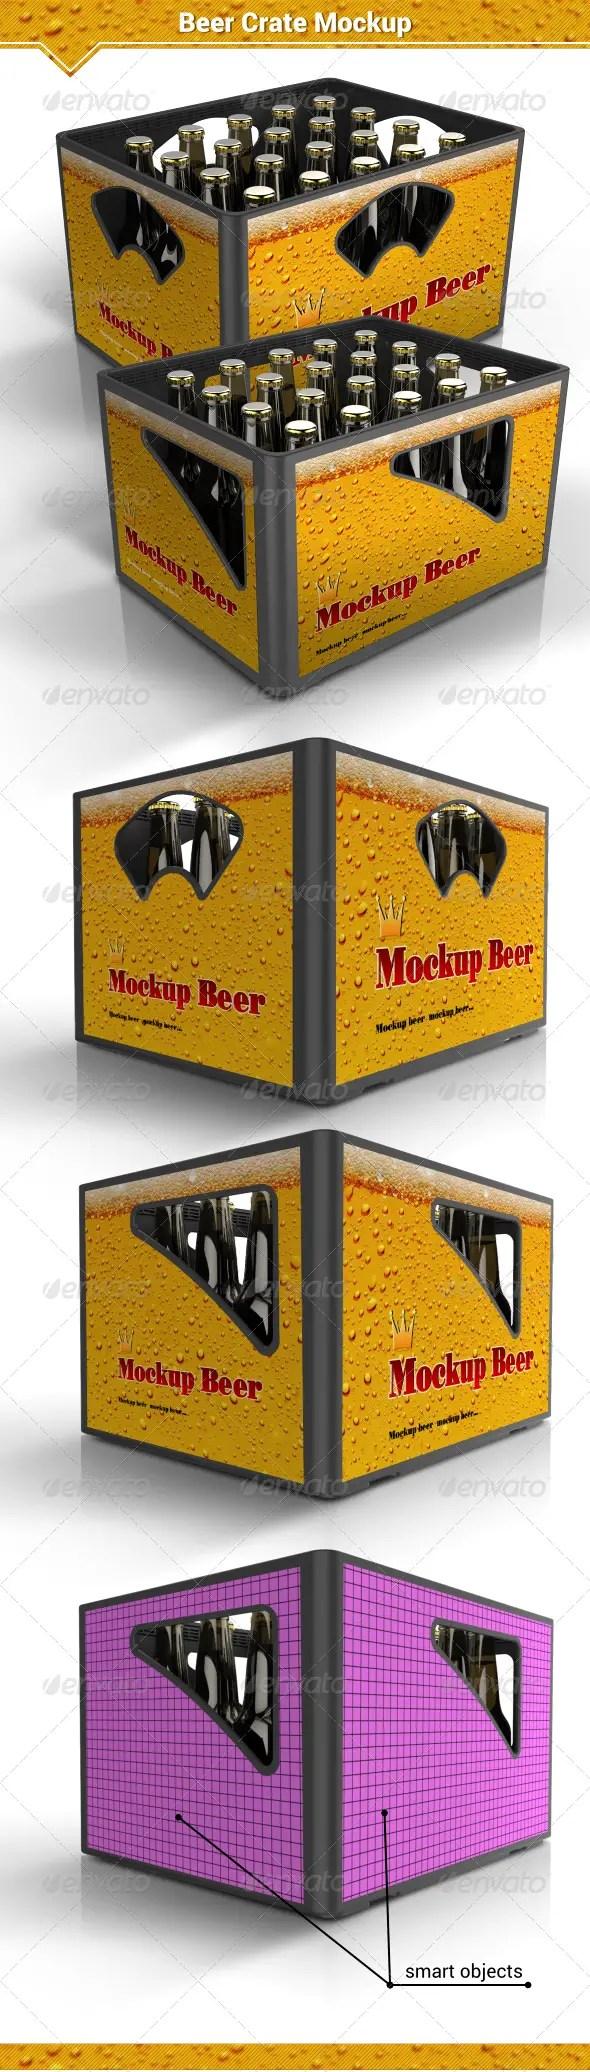 Beer Crate Mockup